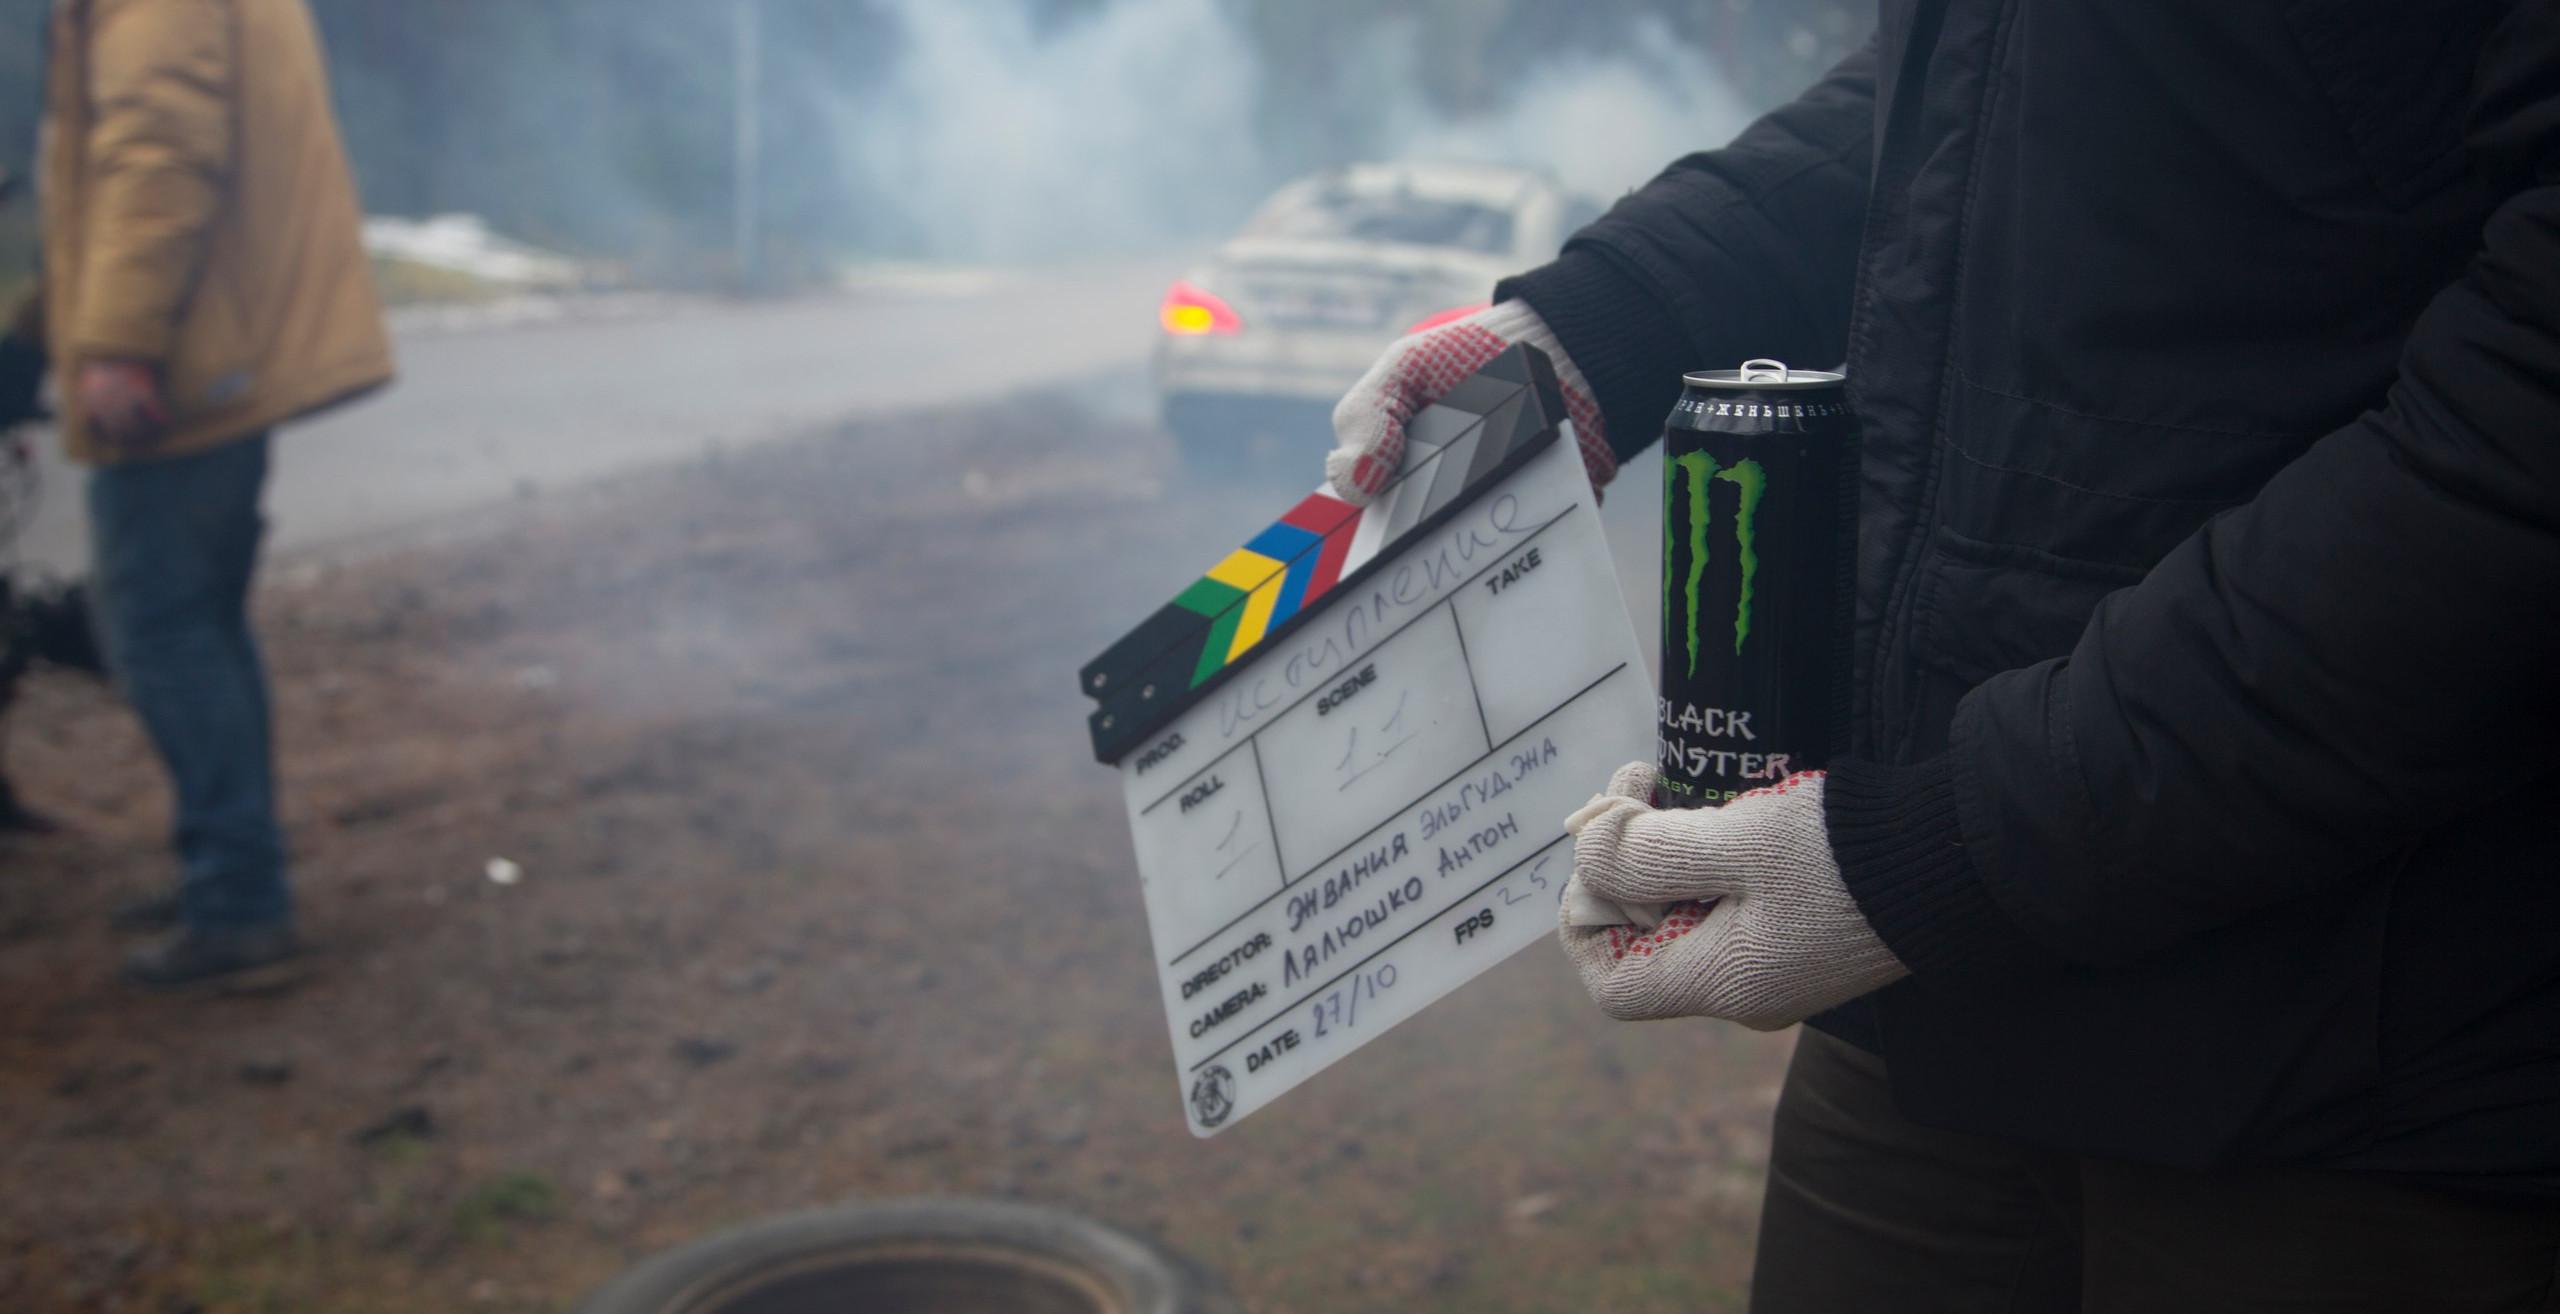 """Backstage фильма """"Исступление"""".  *фото принадлежит North Film Factory"""